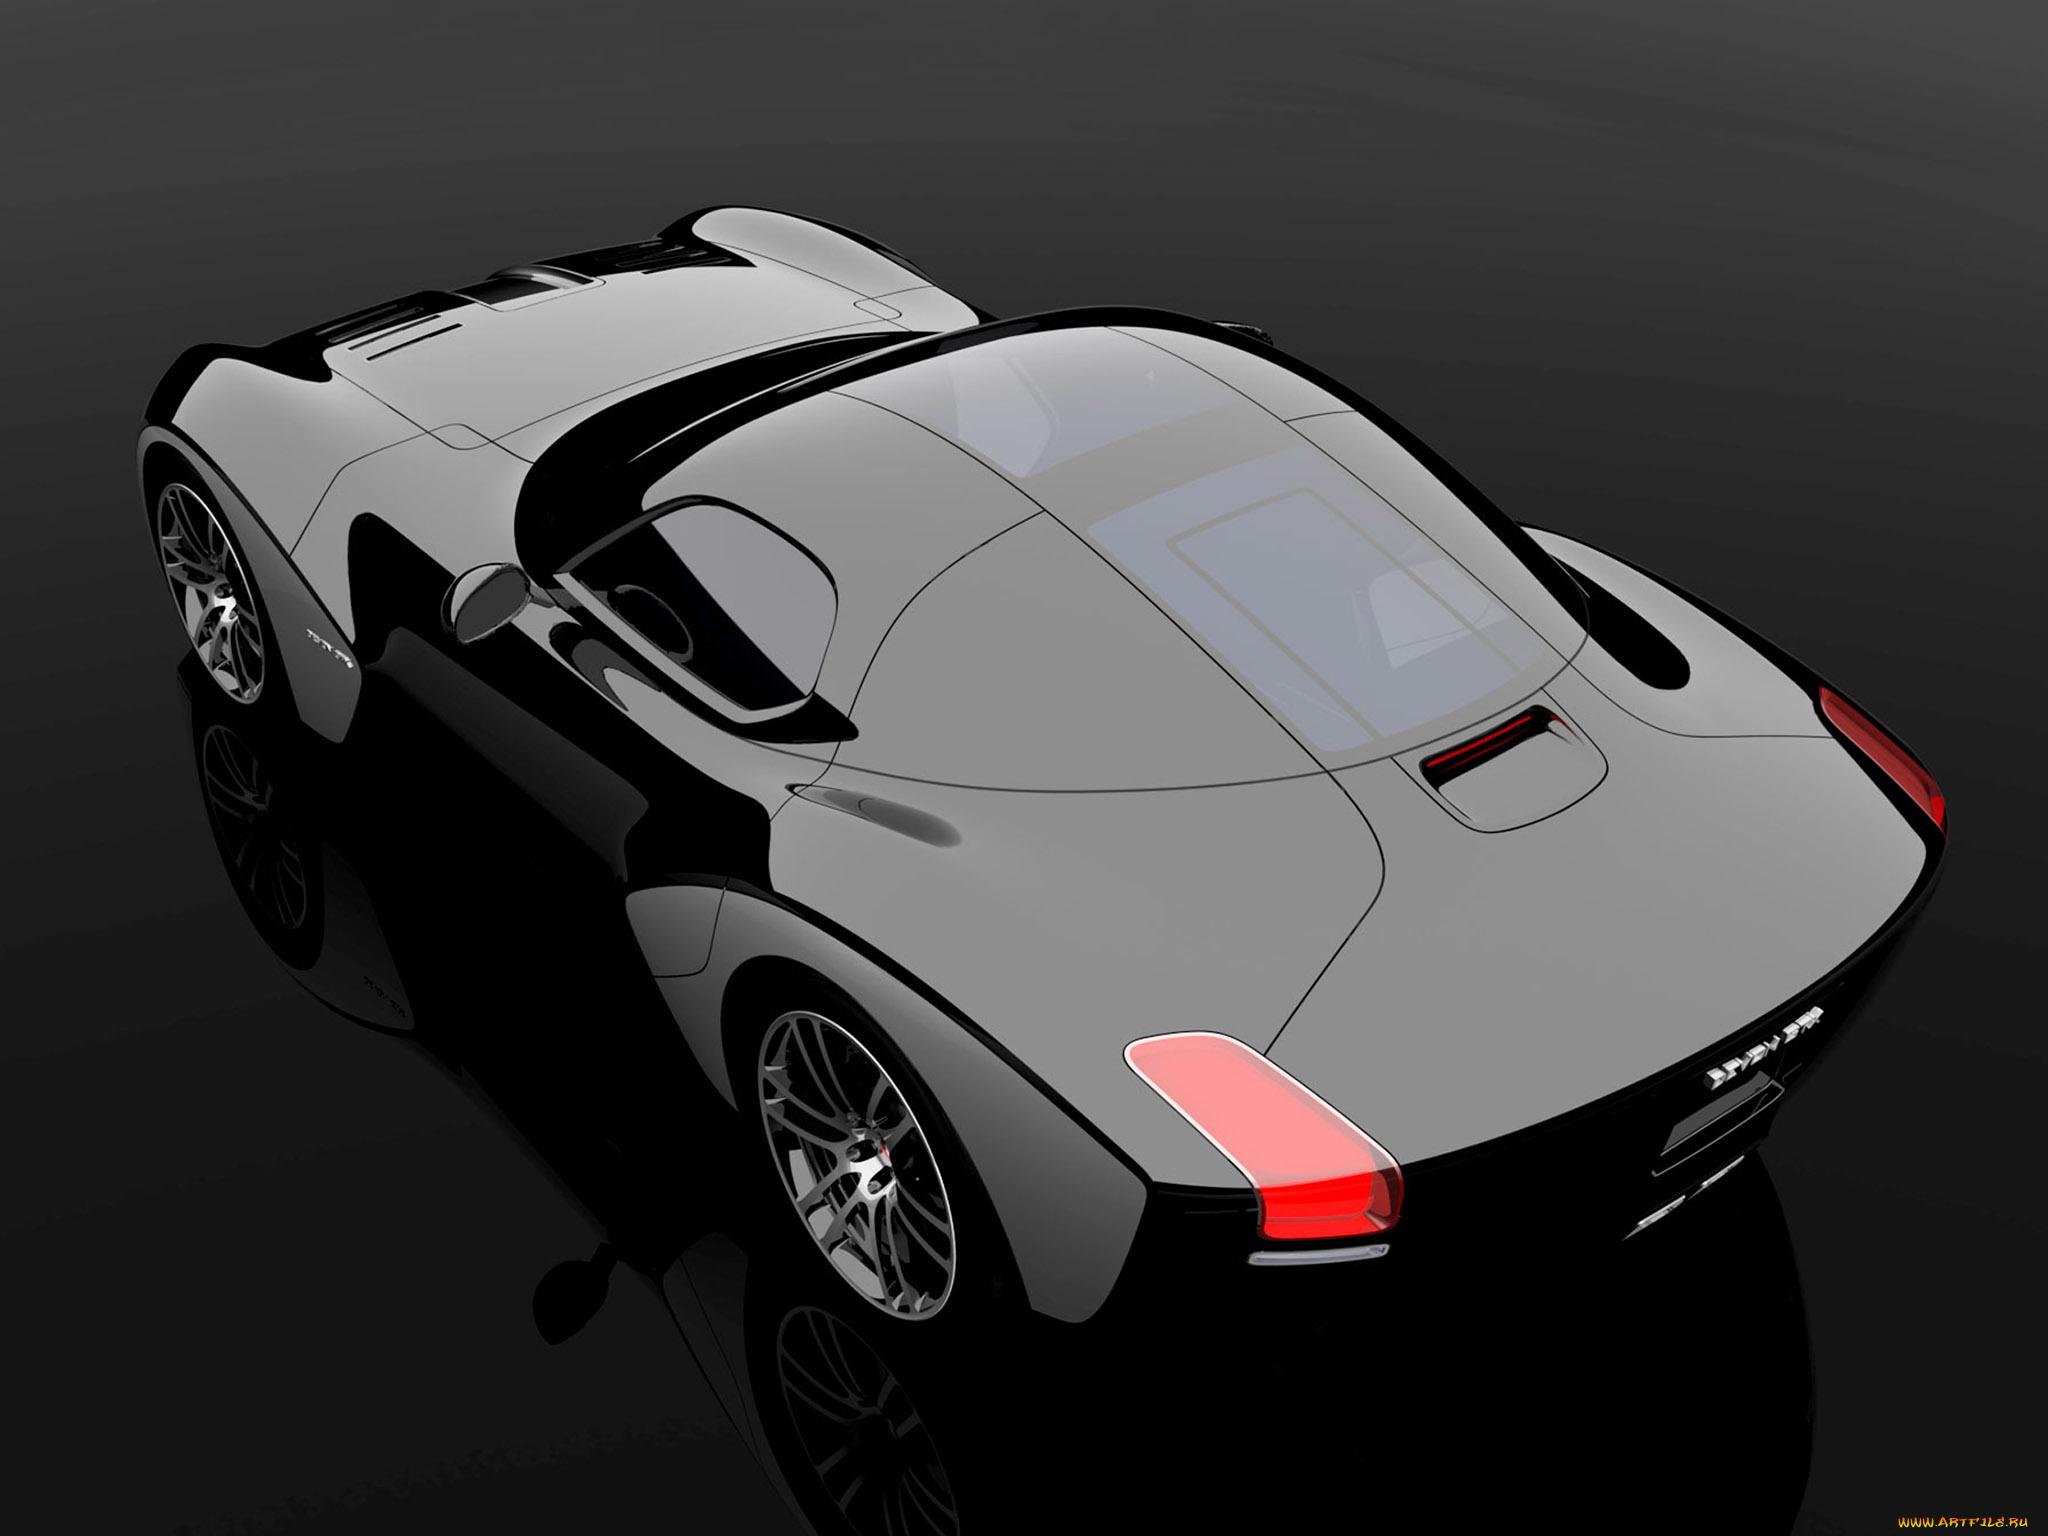 Concept Car black  № 1175531 без смс